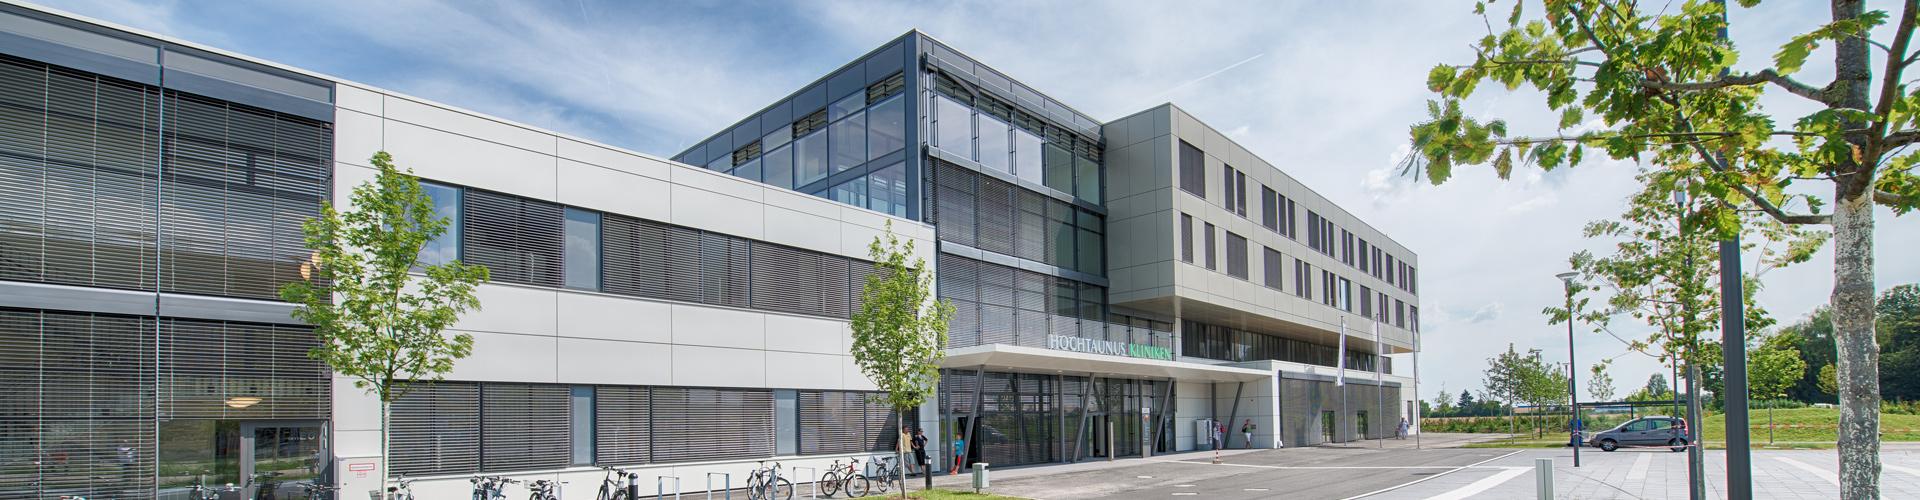 Dieses Bild zeigt den Haupteingang der Klinik am Standort Bad Homburg. Vor dem Gebäude ist eine Straße zu sehen, neben der sich Fahrradständer befinden.